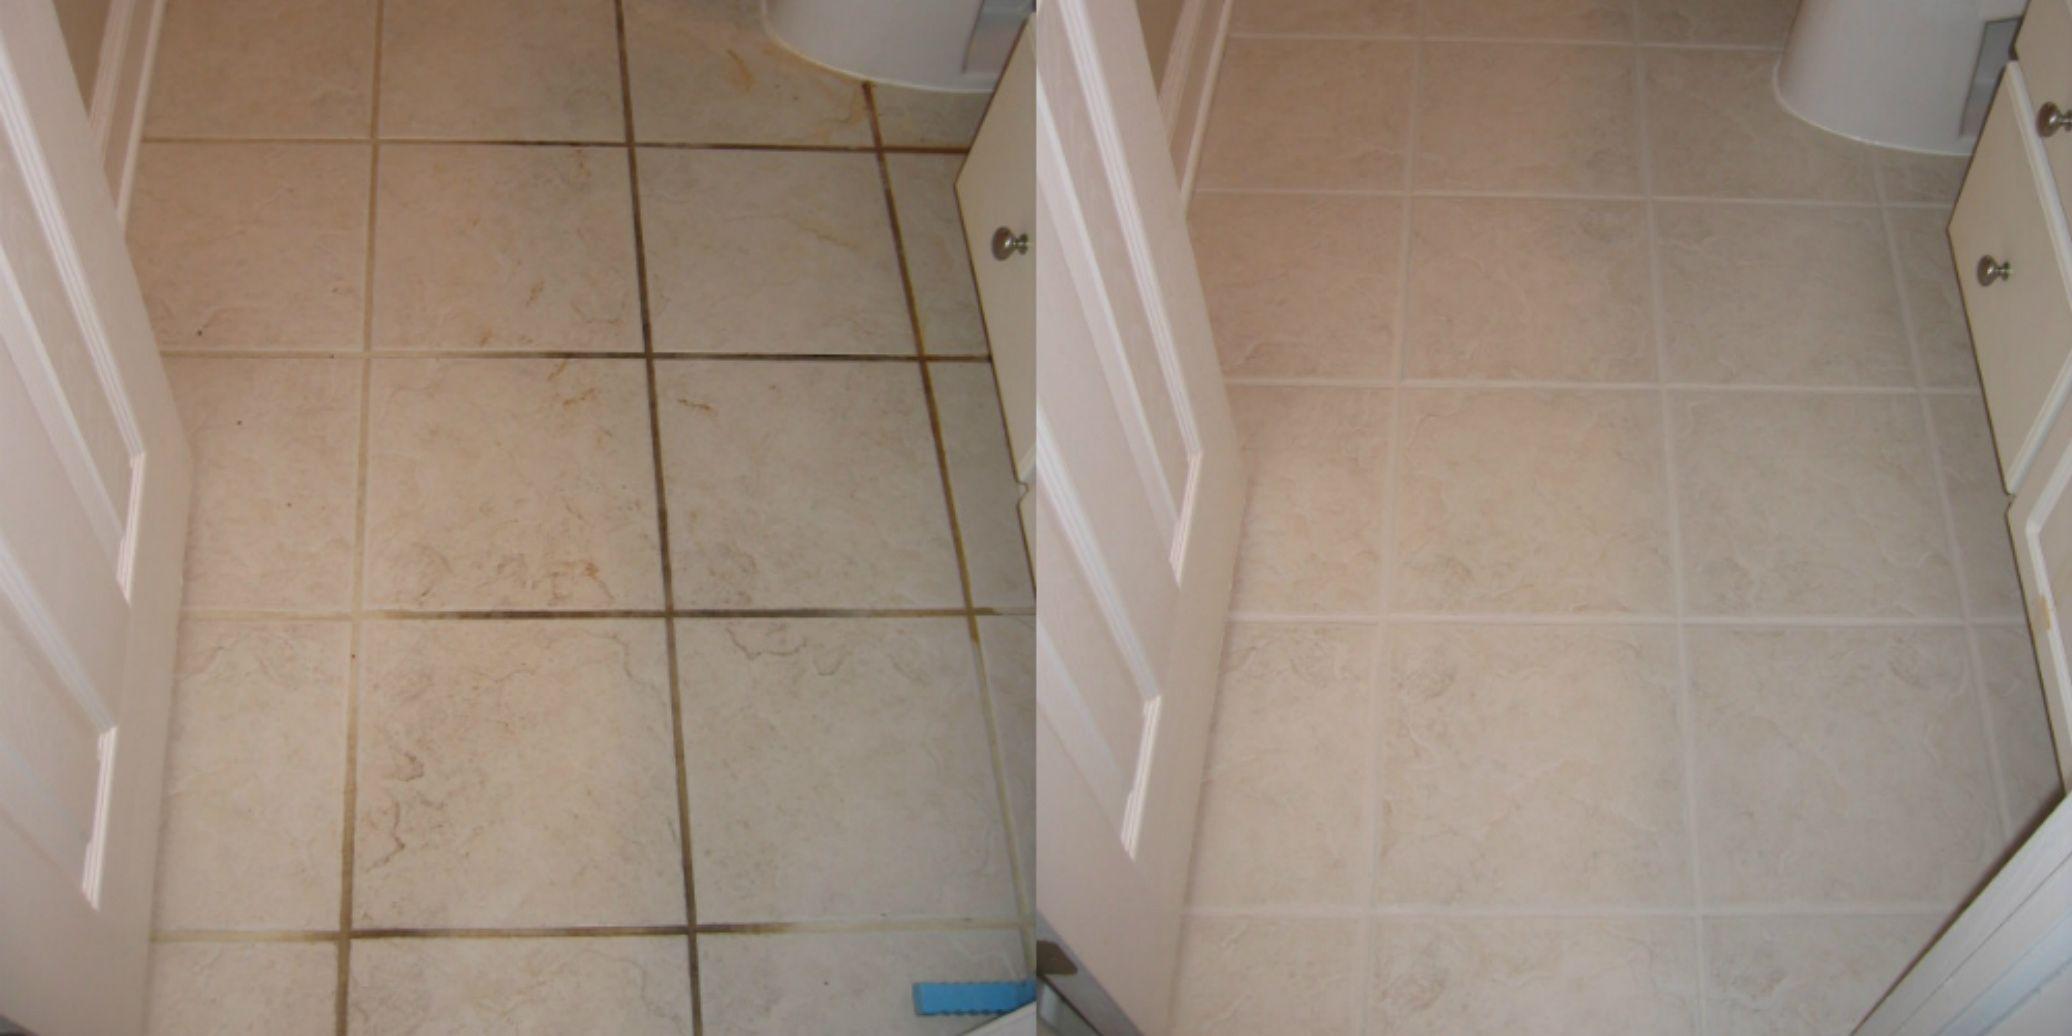 Re grout floor tiles httpnextsoft21 pinterest grout re grout floor tiles dailygadgetfo Image collections